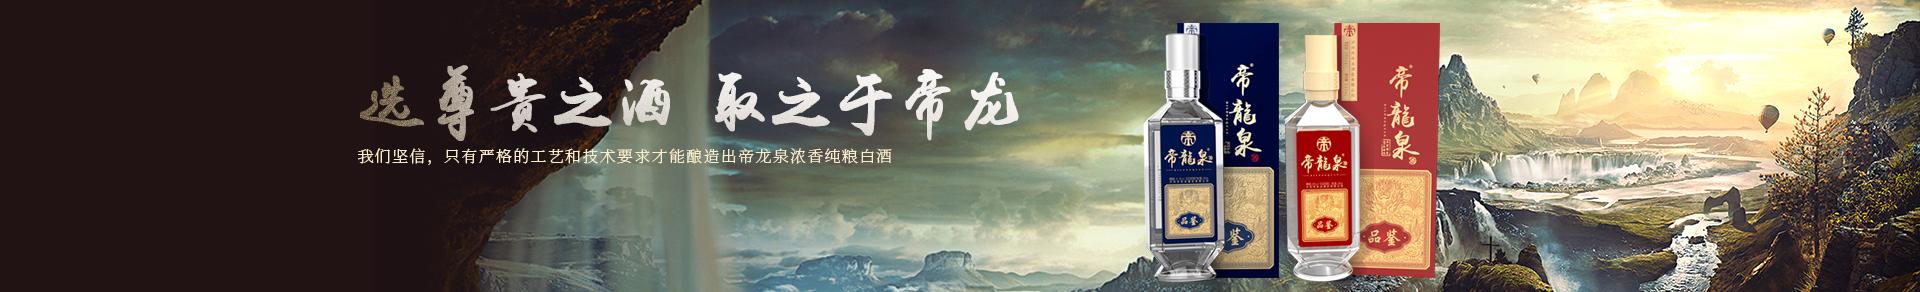 http://www.dilongjiuzhuang.com/data/upload/202104/20210430102629_863.jpg